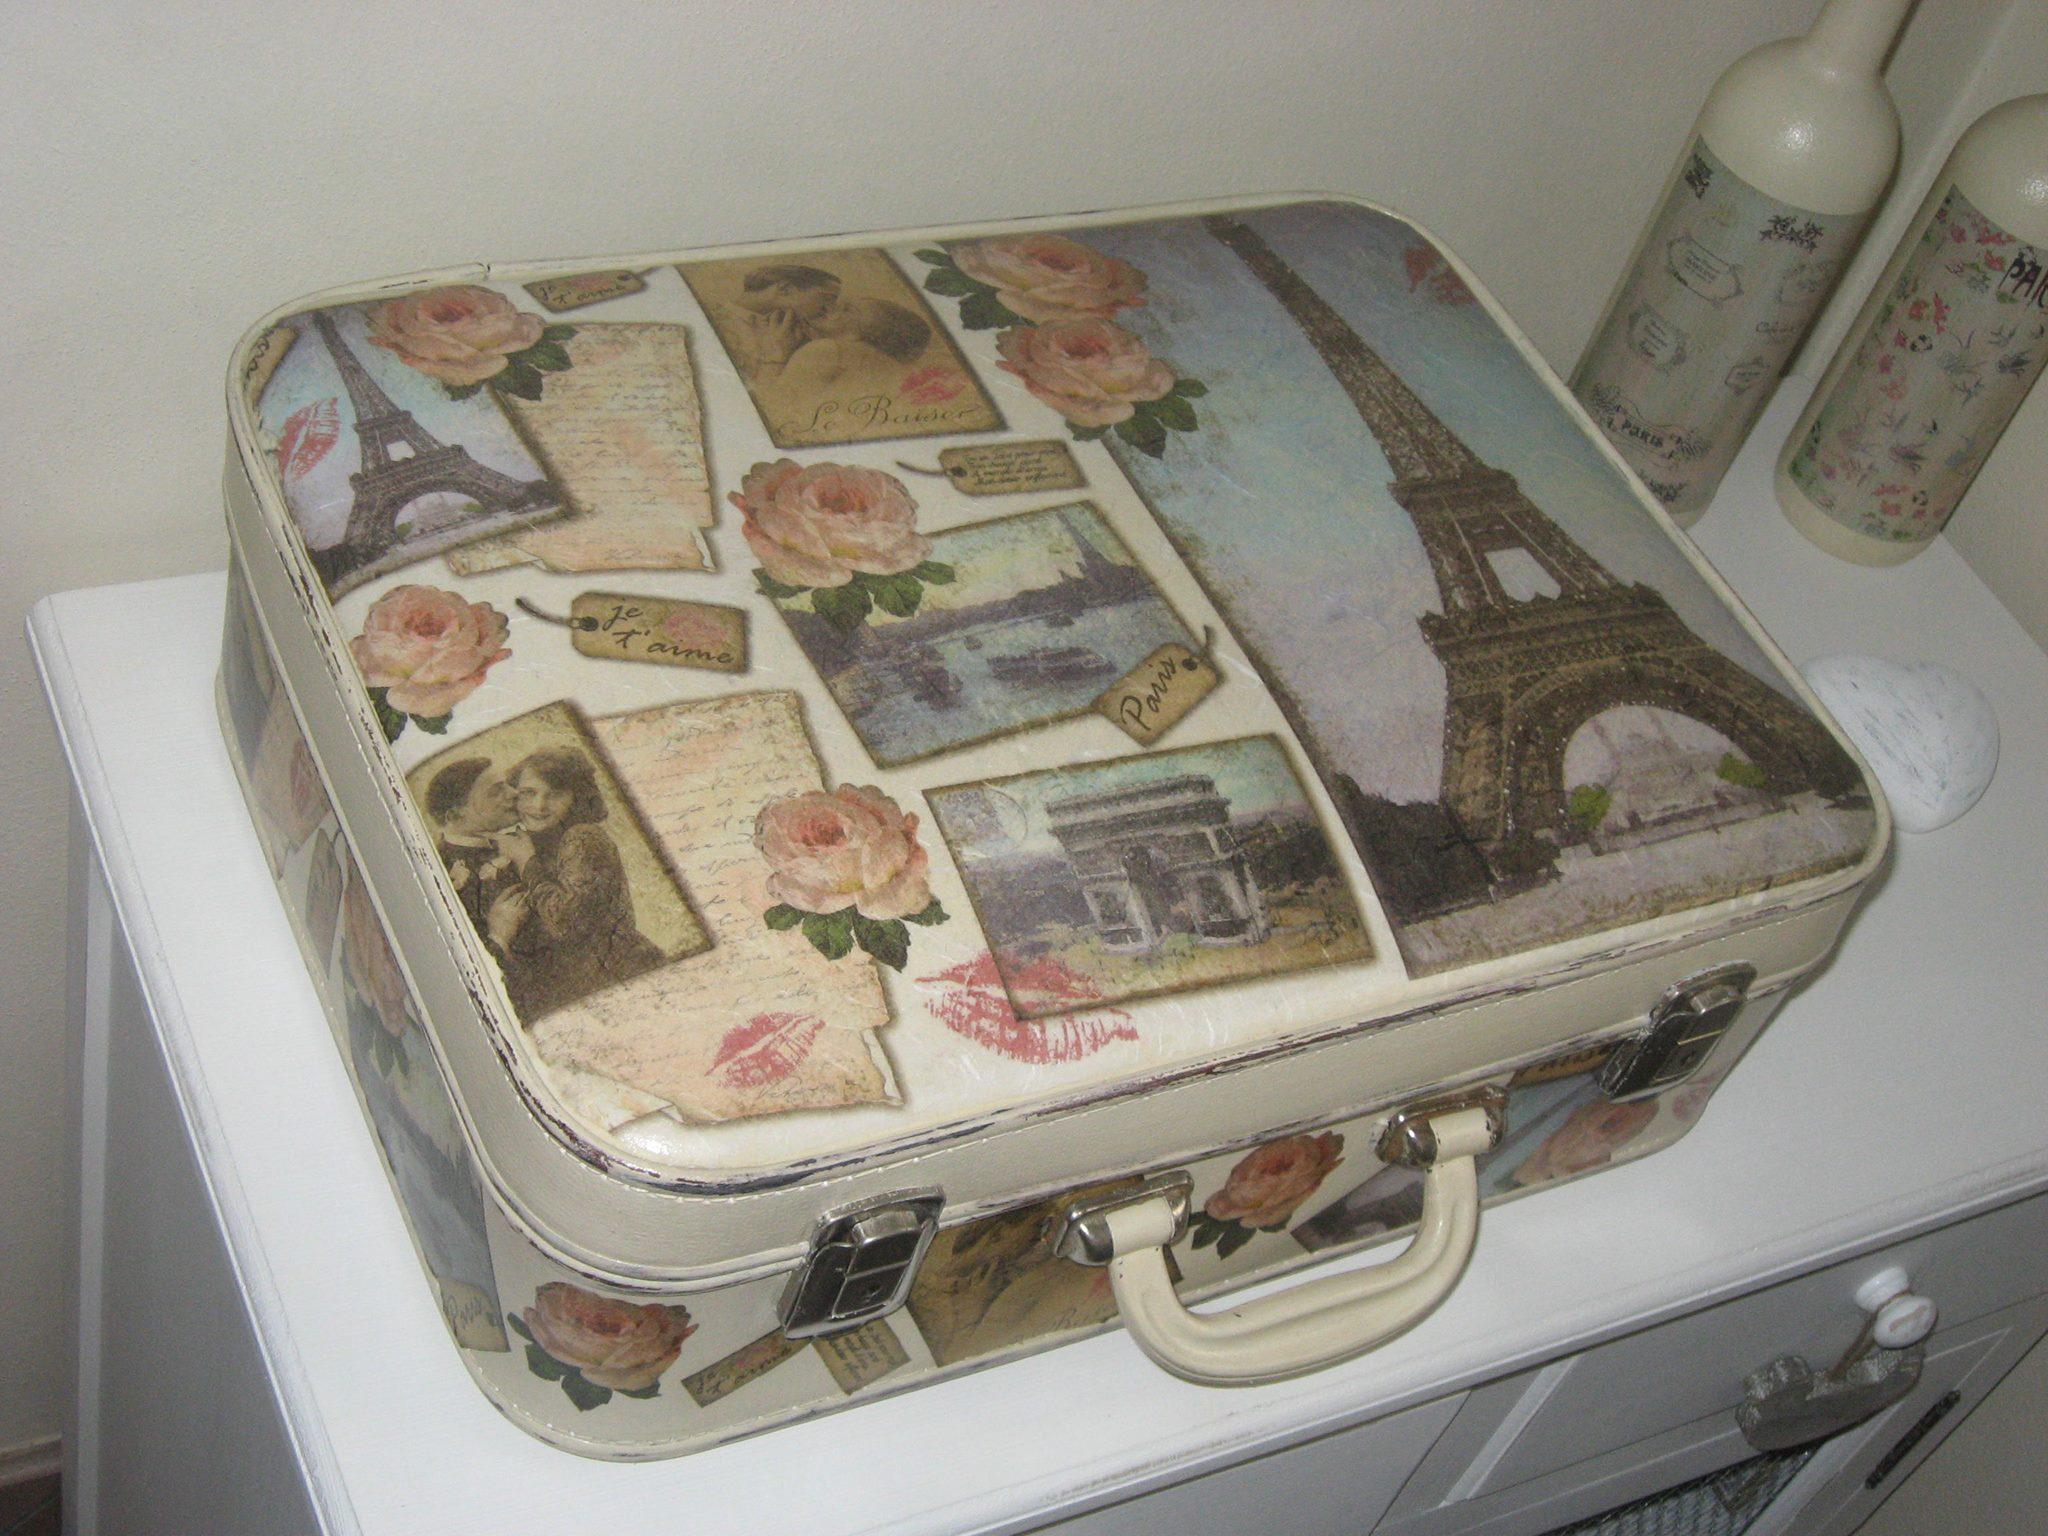 Matrimonio Tema Viaggi Vintage : Come recuperare una vecchia valigia rendendola shabby chic